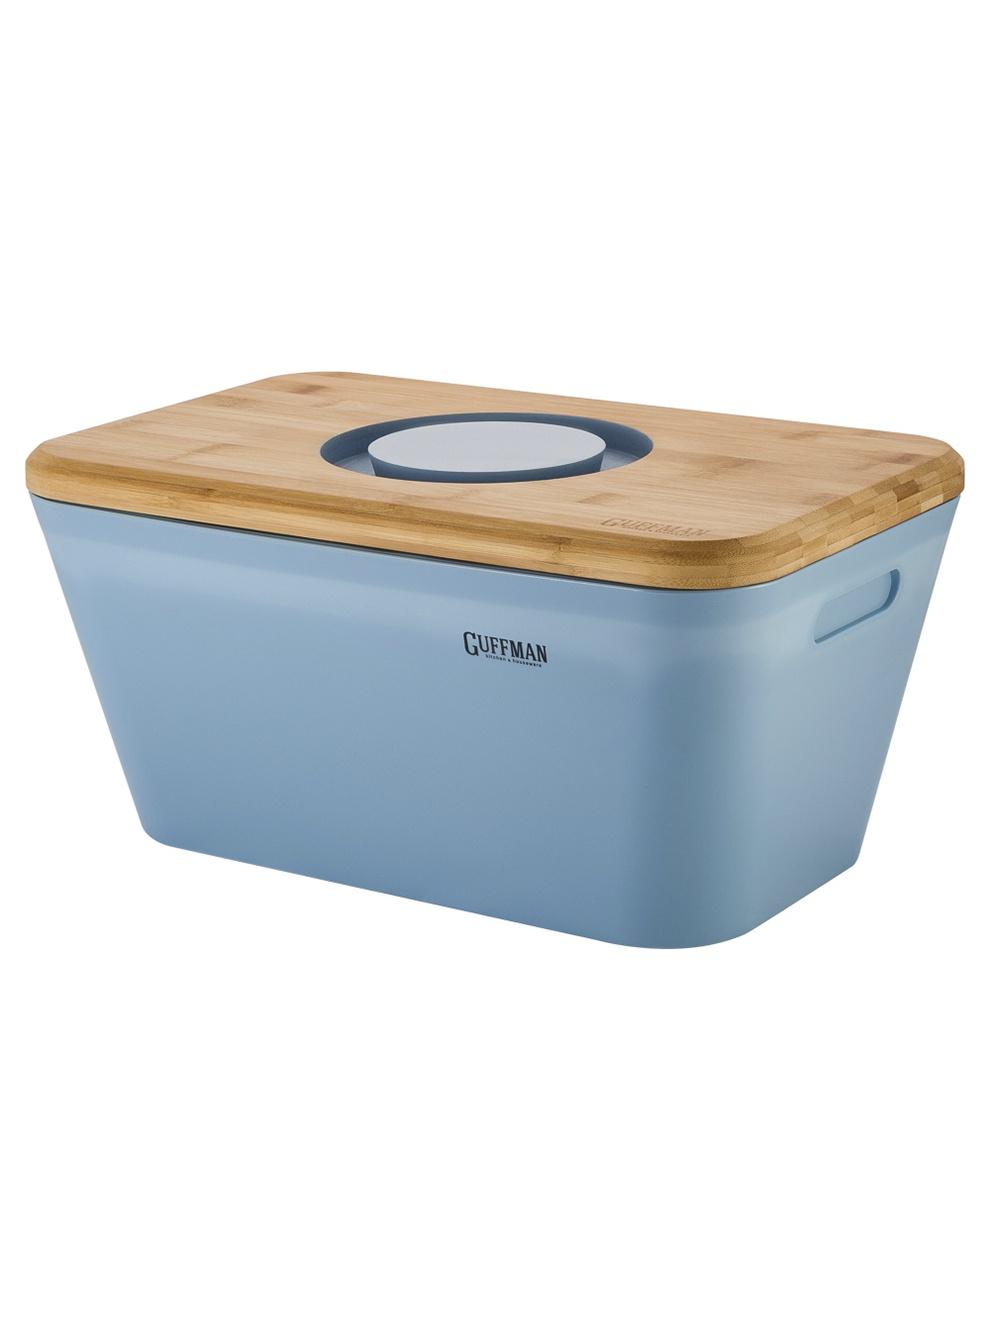 Хлебница Guffman Casa, голубой ларес хлебница бамбук 41 5х20х19см